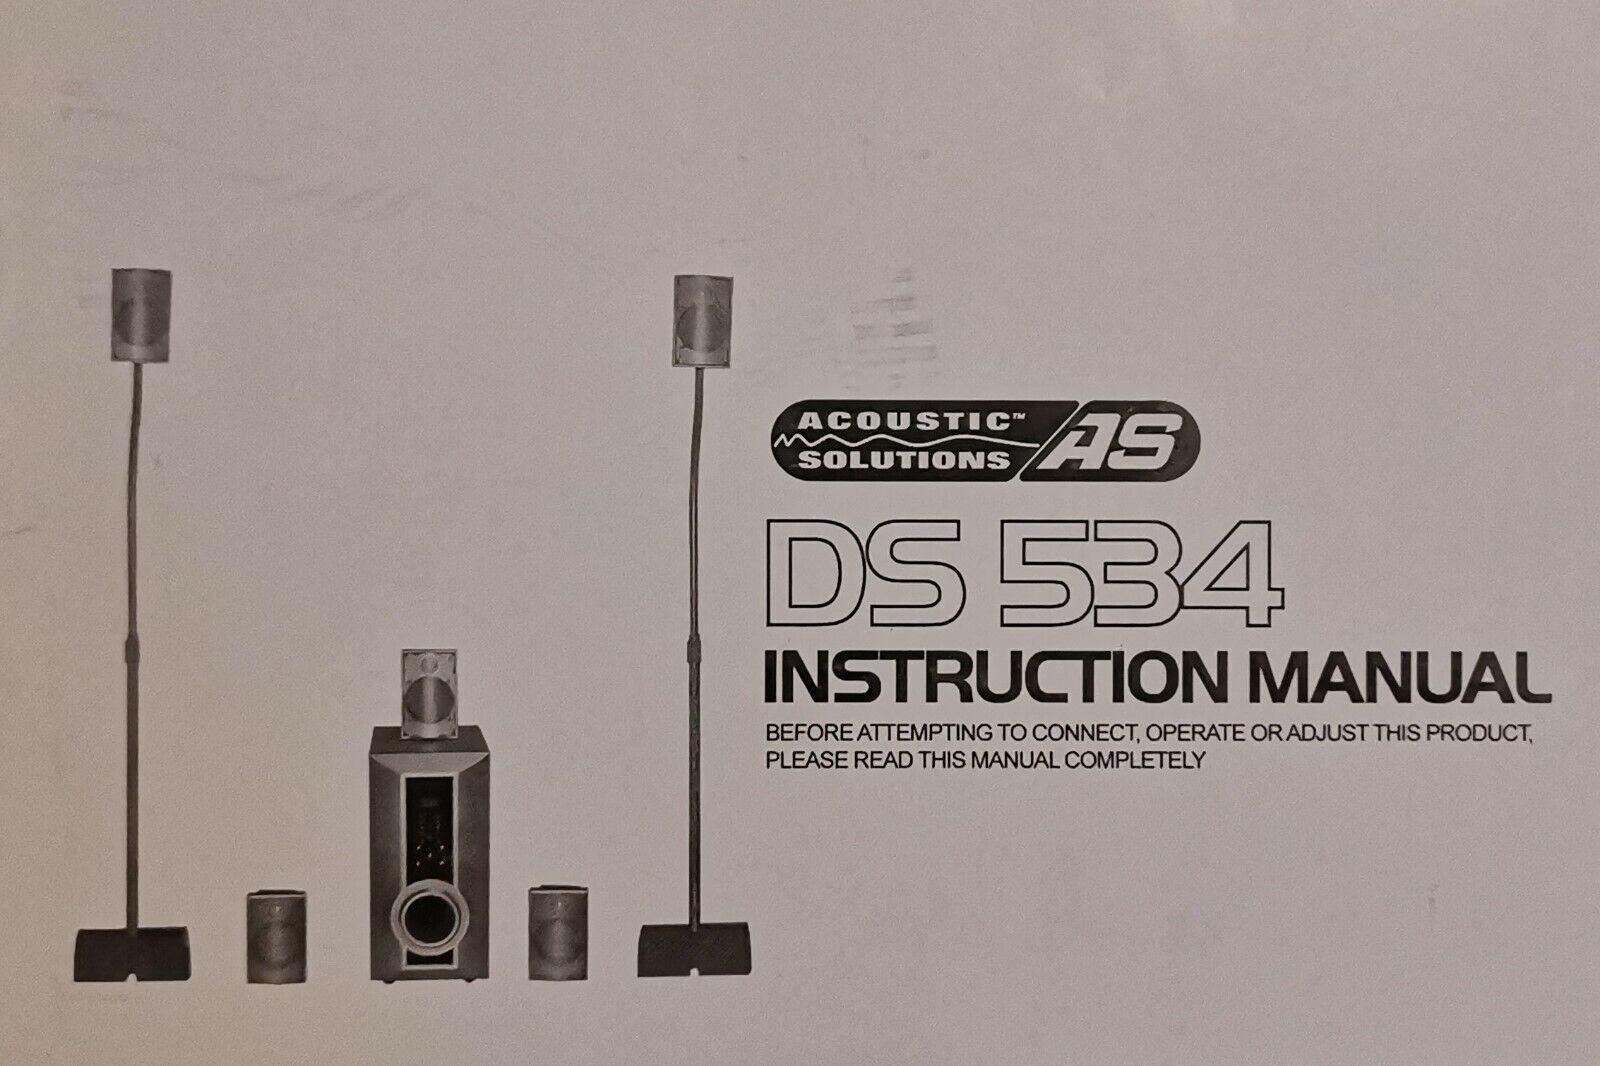 Soundsystem DS 534 5.1